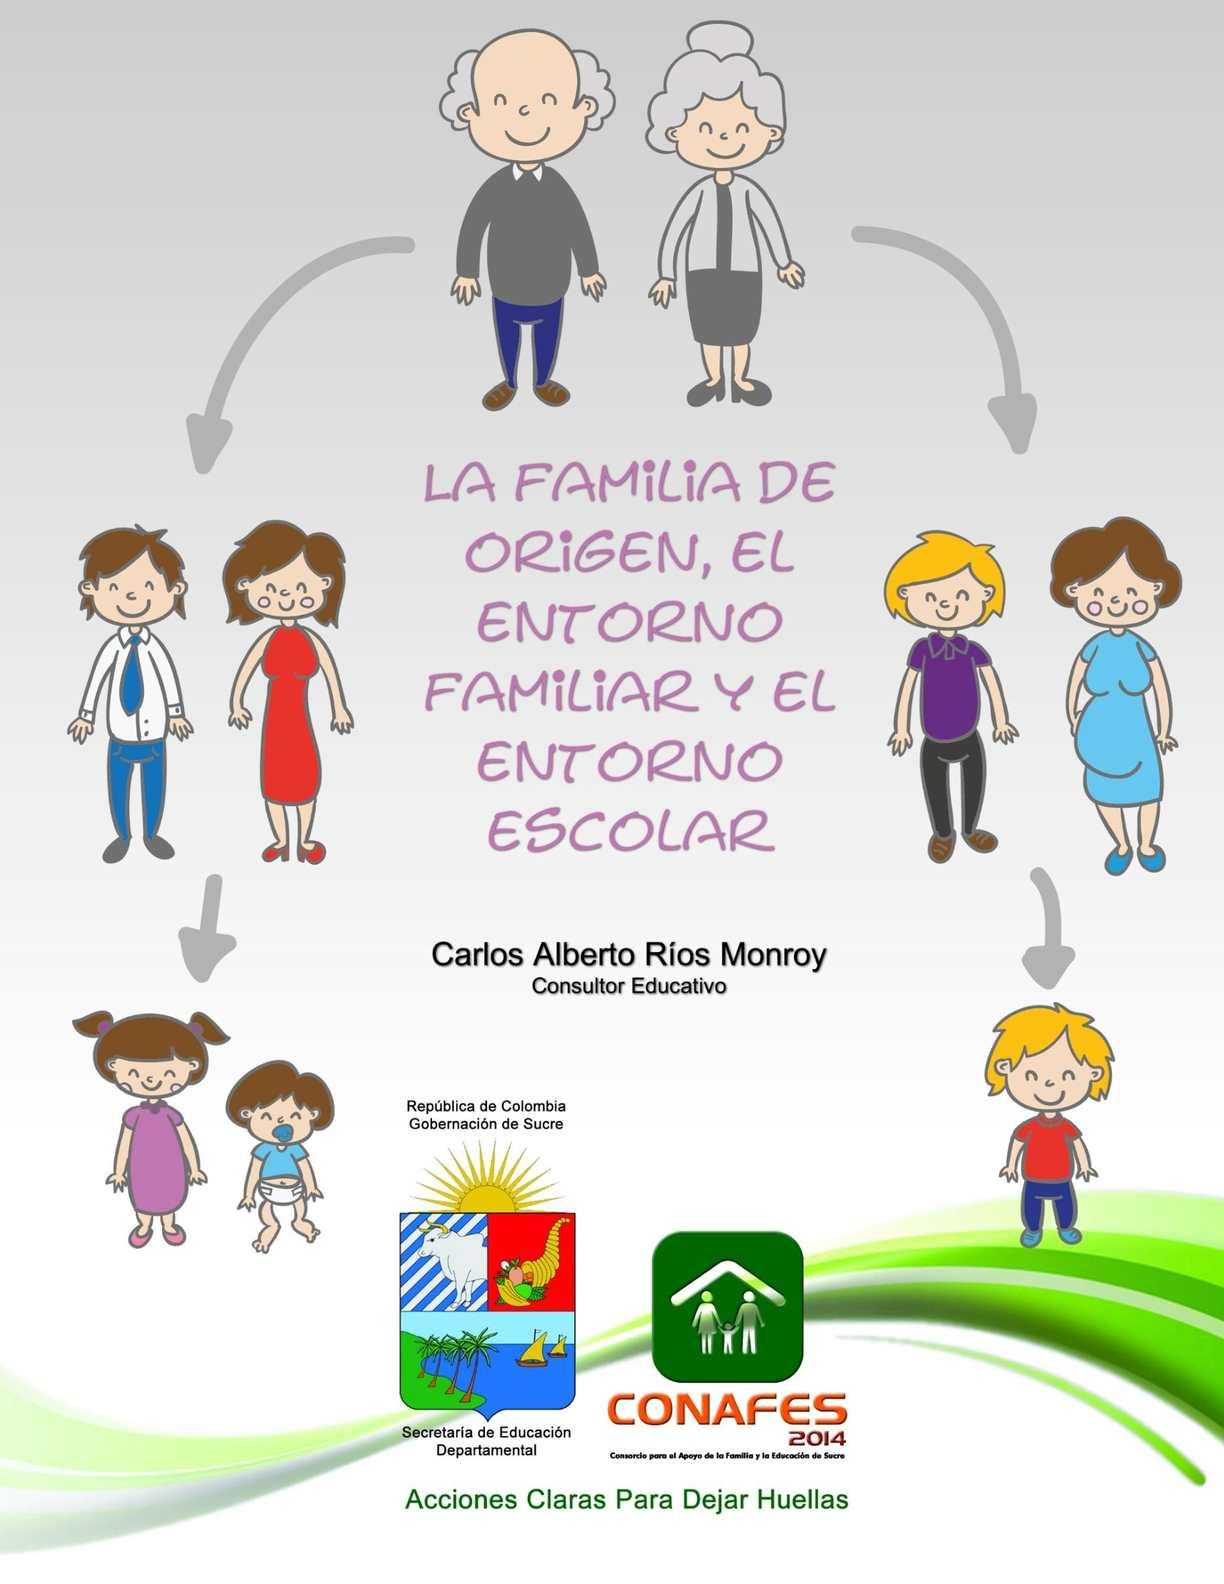 Calaméo - Módulo N° 2 - La familia de origen, el entorno familiar y el  entorno escolar